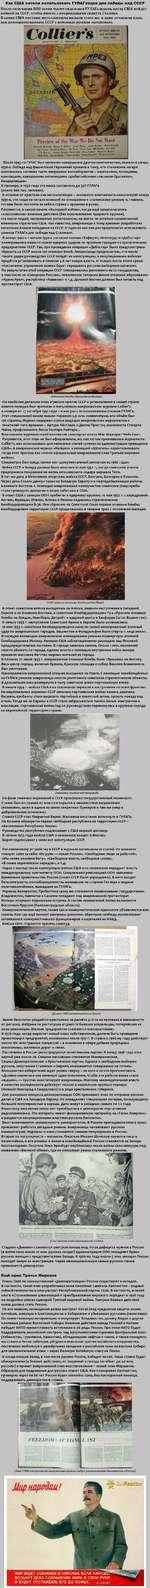 OCCUPATION FORCES -SSOSCOW ISS: Как США хотели использовать ГУЛАГовцев для победы над СССР После окончания ВОВ сотни тысяч сидельцев ГУЛАГа ждали, когда США пойдёт войной на СССР, чтобы вместе с американцами скинуть Сталина. В самих США местные интеллигенты желали этого же, и даже сочинили пл